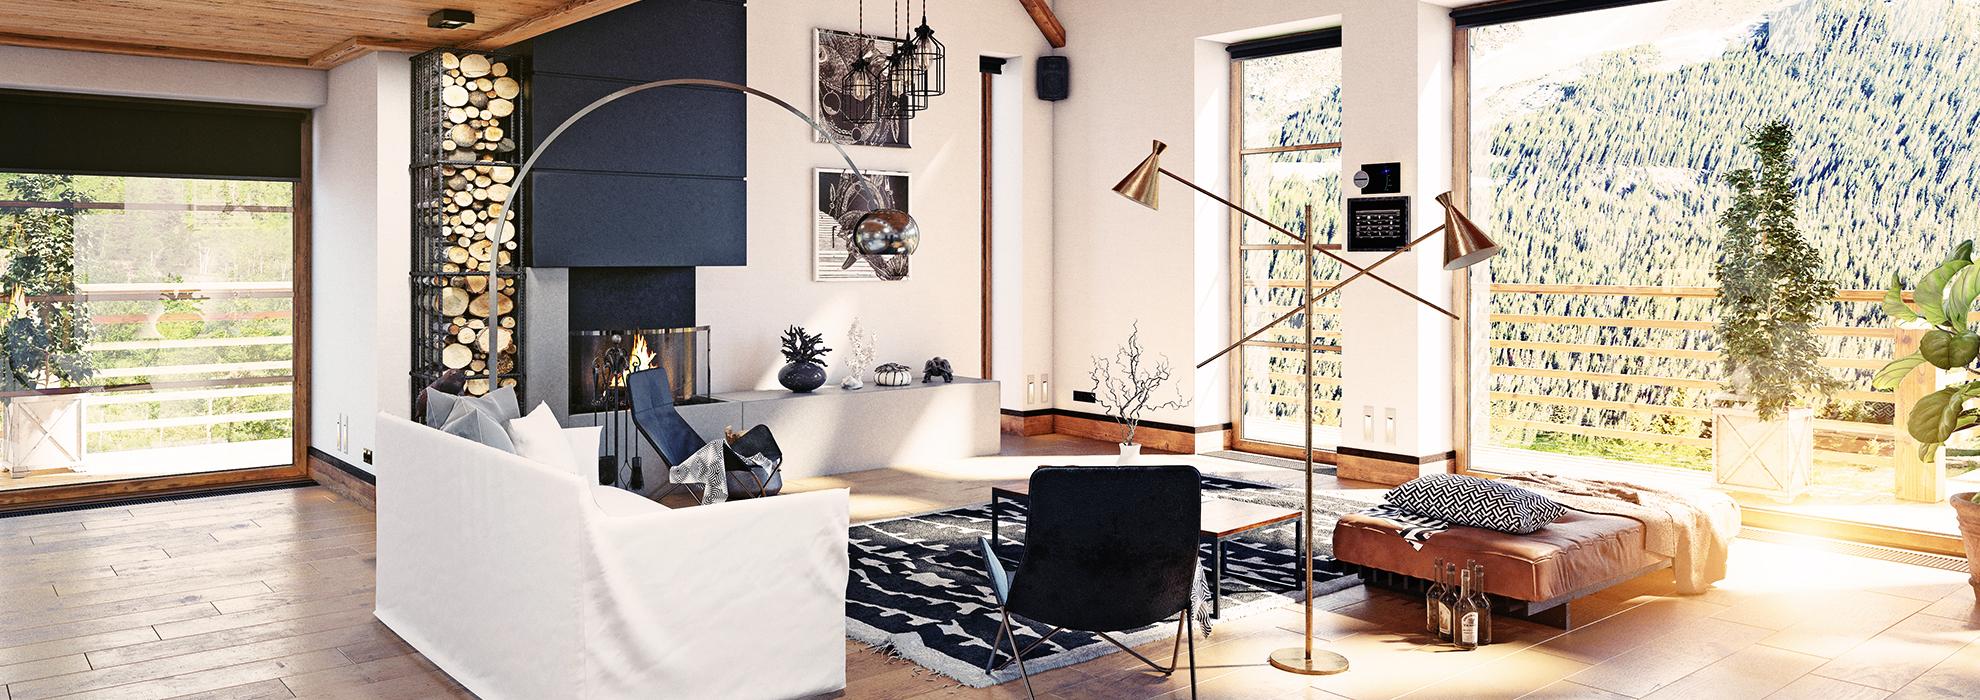 Come Arredare Una Casa In Stile Moderno.Come Arredare Una Casa Di Montagna In Stile Moderno Citta Sant Angelo Village